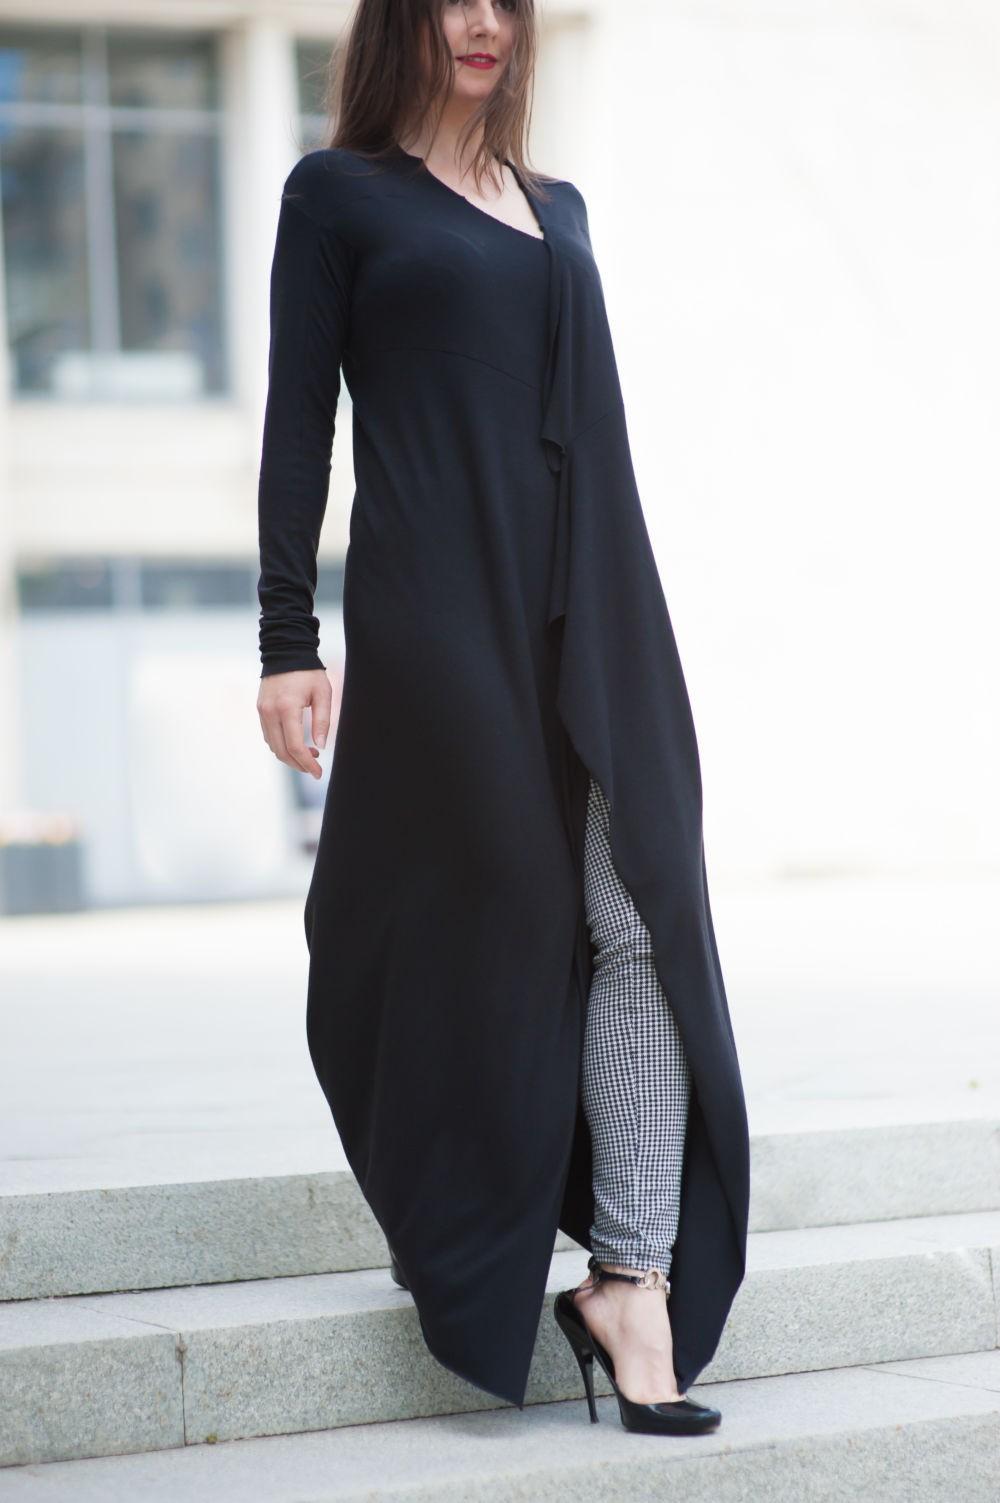 Модные кардиганы осень зима 2018 2019 длинный асимметричный,черного цвета